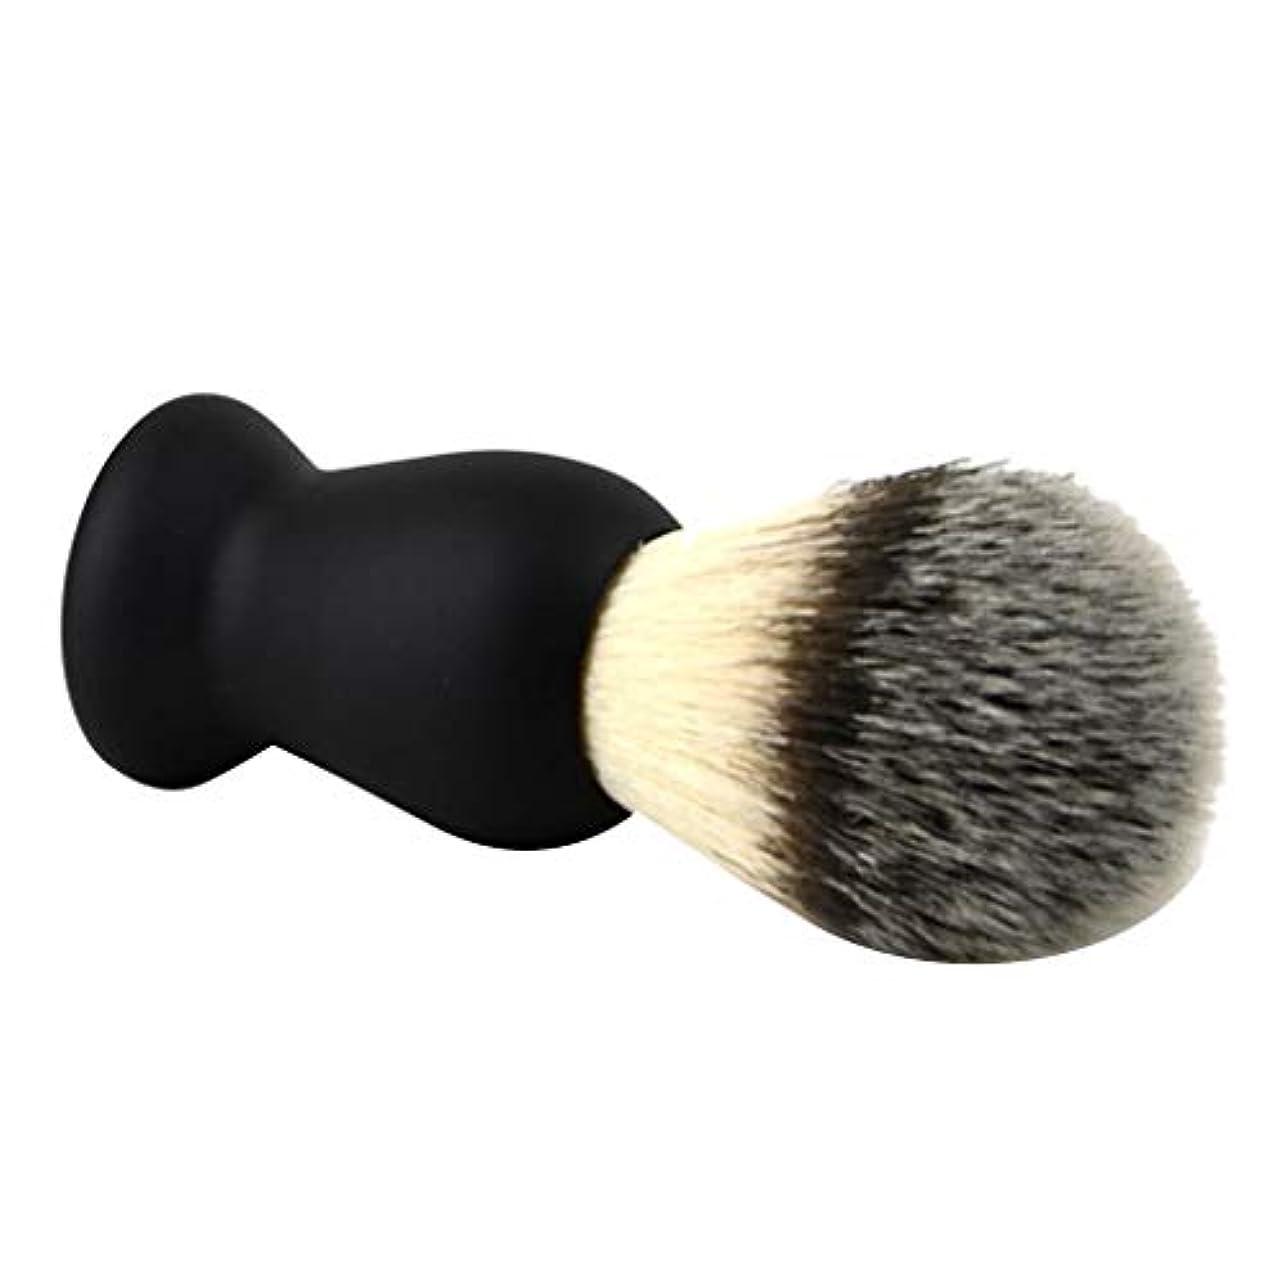 バイバイグロー野なchiwanji シェービングブラシ メンズ ひげブラシ 剃毛ブラシ ABSハンドル+ナイロン 泡立て 散髪整理